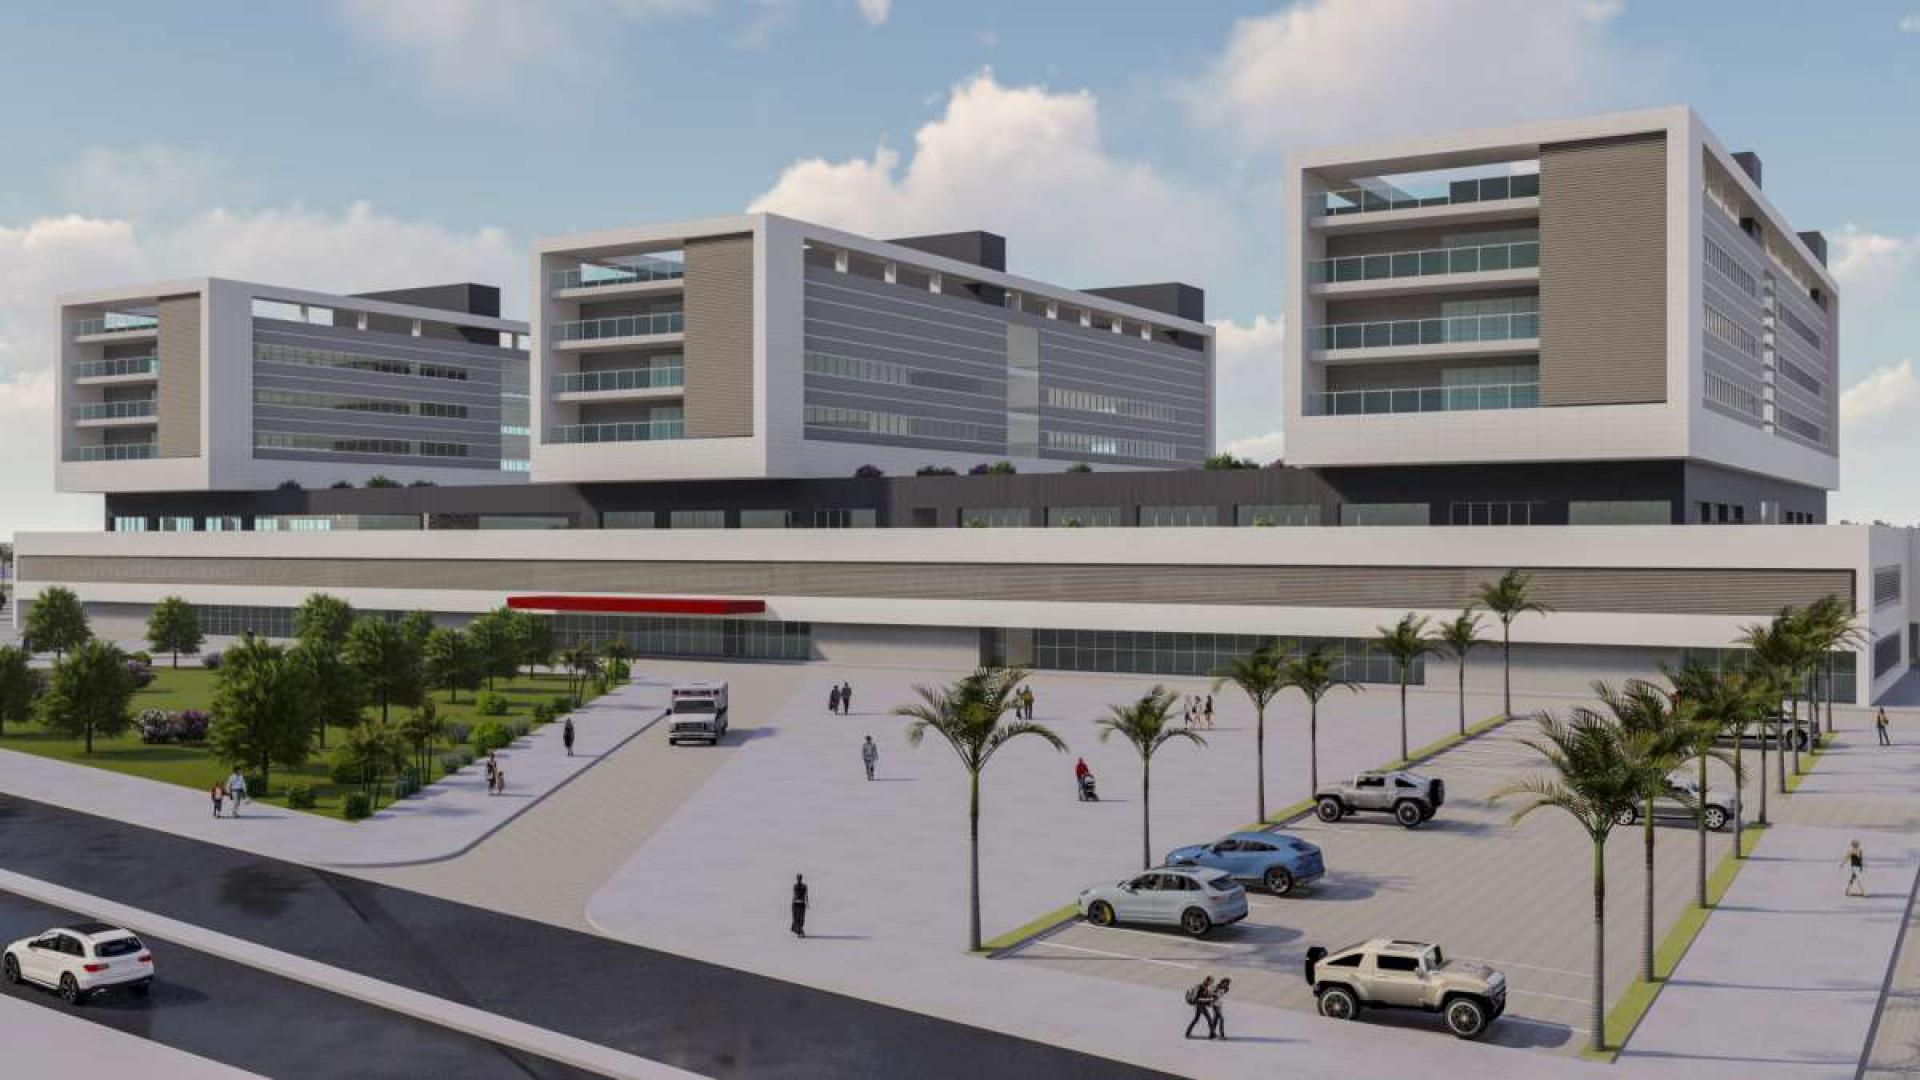 Obra do novo Hospital Universitário do Ceará vai custar R$ 274,7 milhões